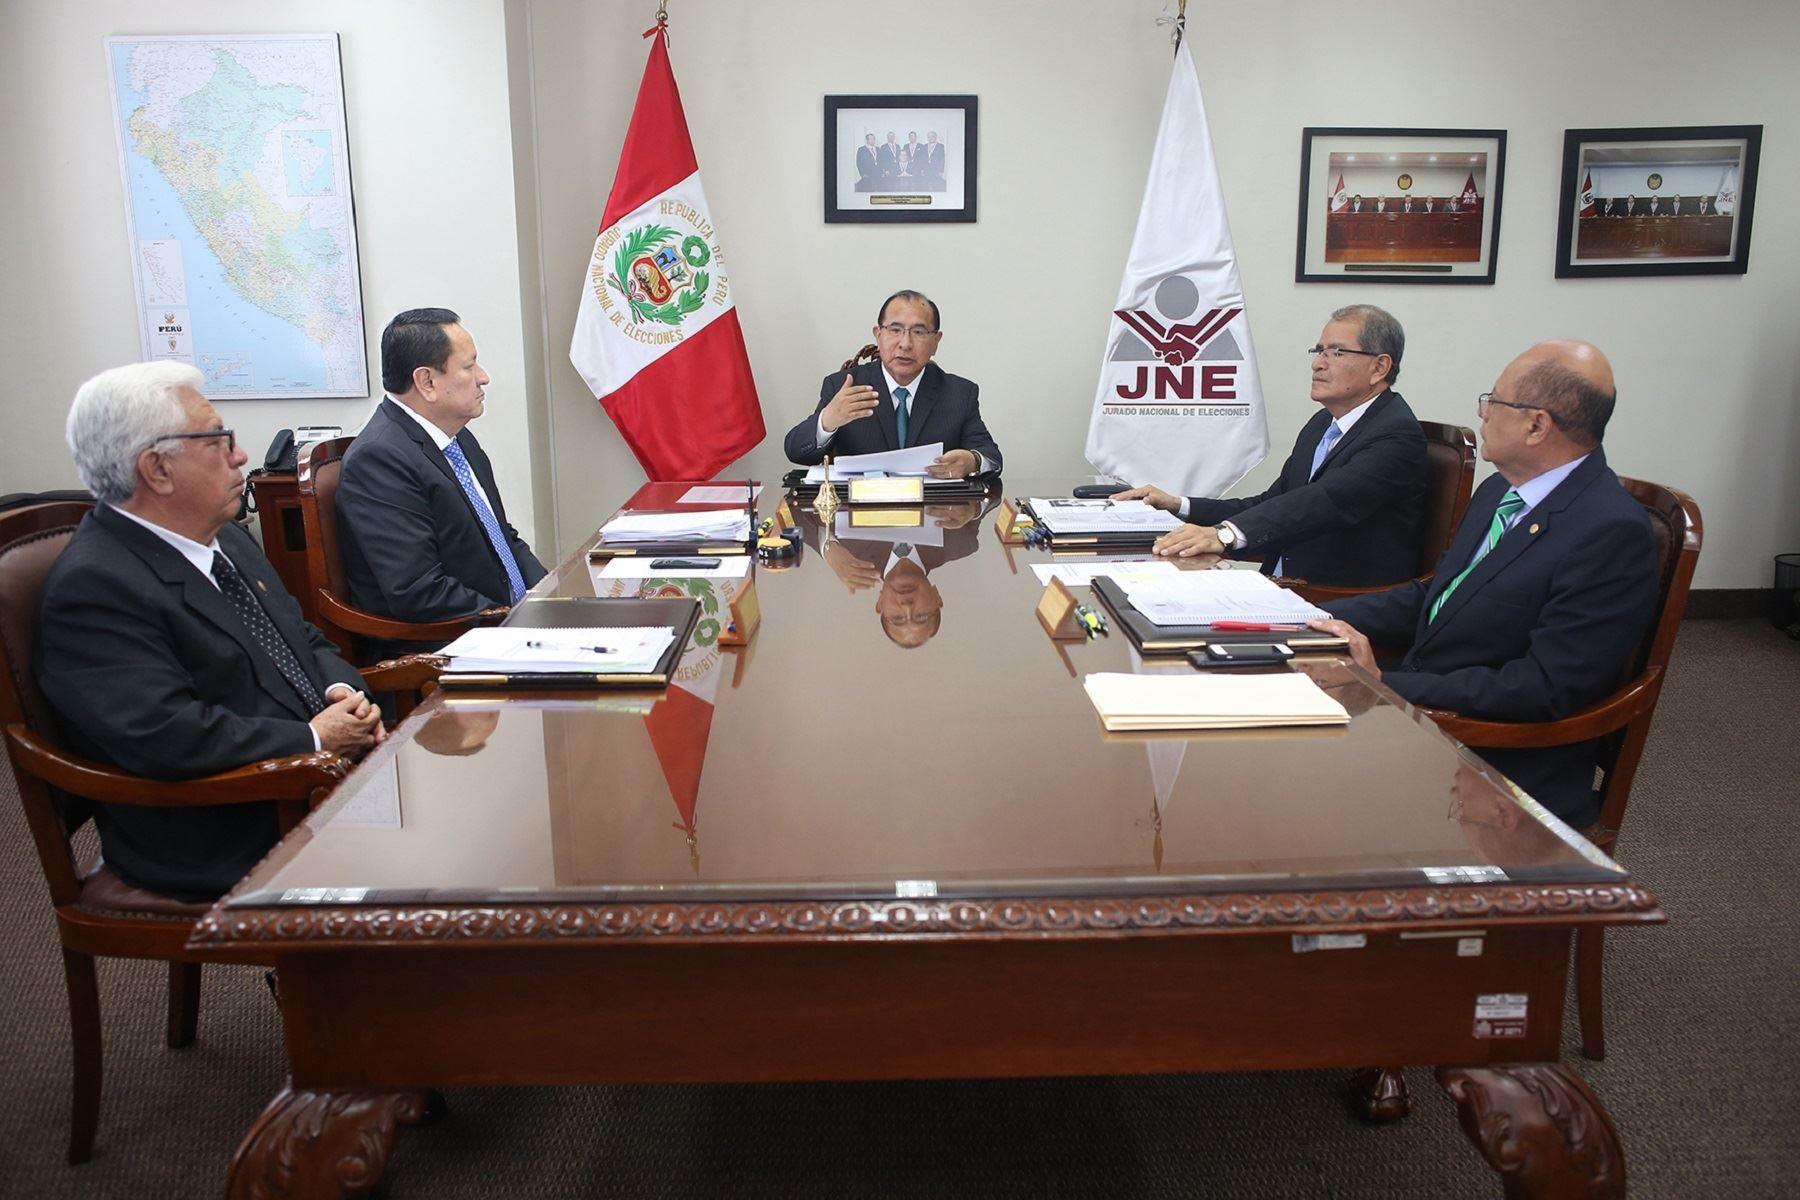 Pleno del Jurado Nacional de Elecciones. Foto: Difiusión.